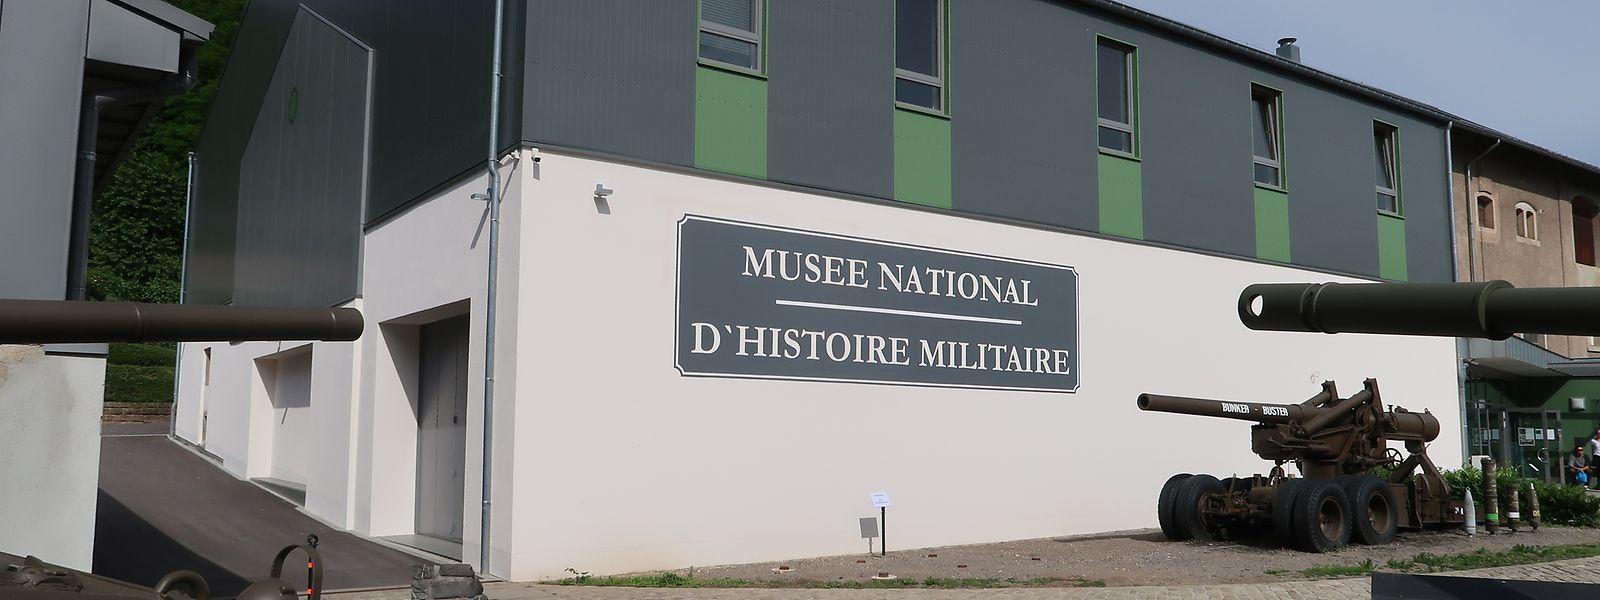 Das nationale Museum für Militärgeschichte ist eines der meistbesuchten Museen Luxemburgs. Schon bald wird man hier den millionsten Besucher zählen können.